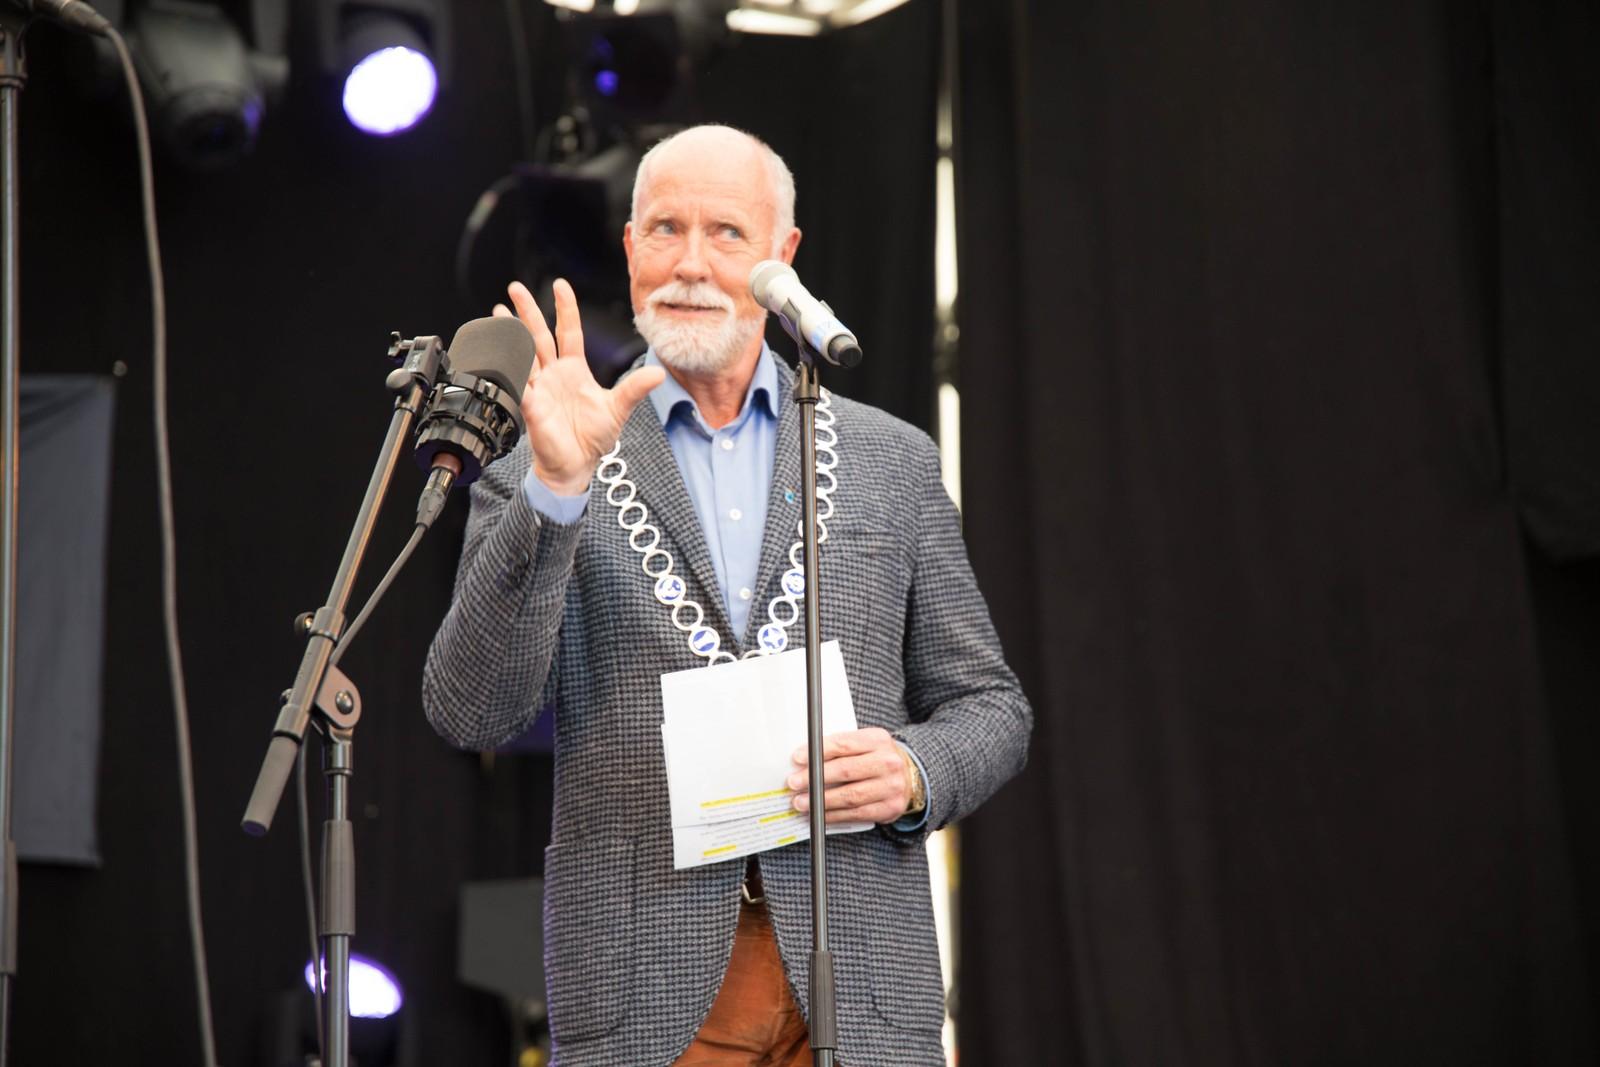 – Moldejazz har preget minst to generasjoner, sa ordfører Torgeir Dahl. Han mener at Moldejazz har gjort Molde til en åpnere og mer inkluderende by.